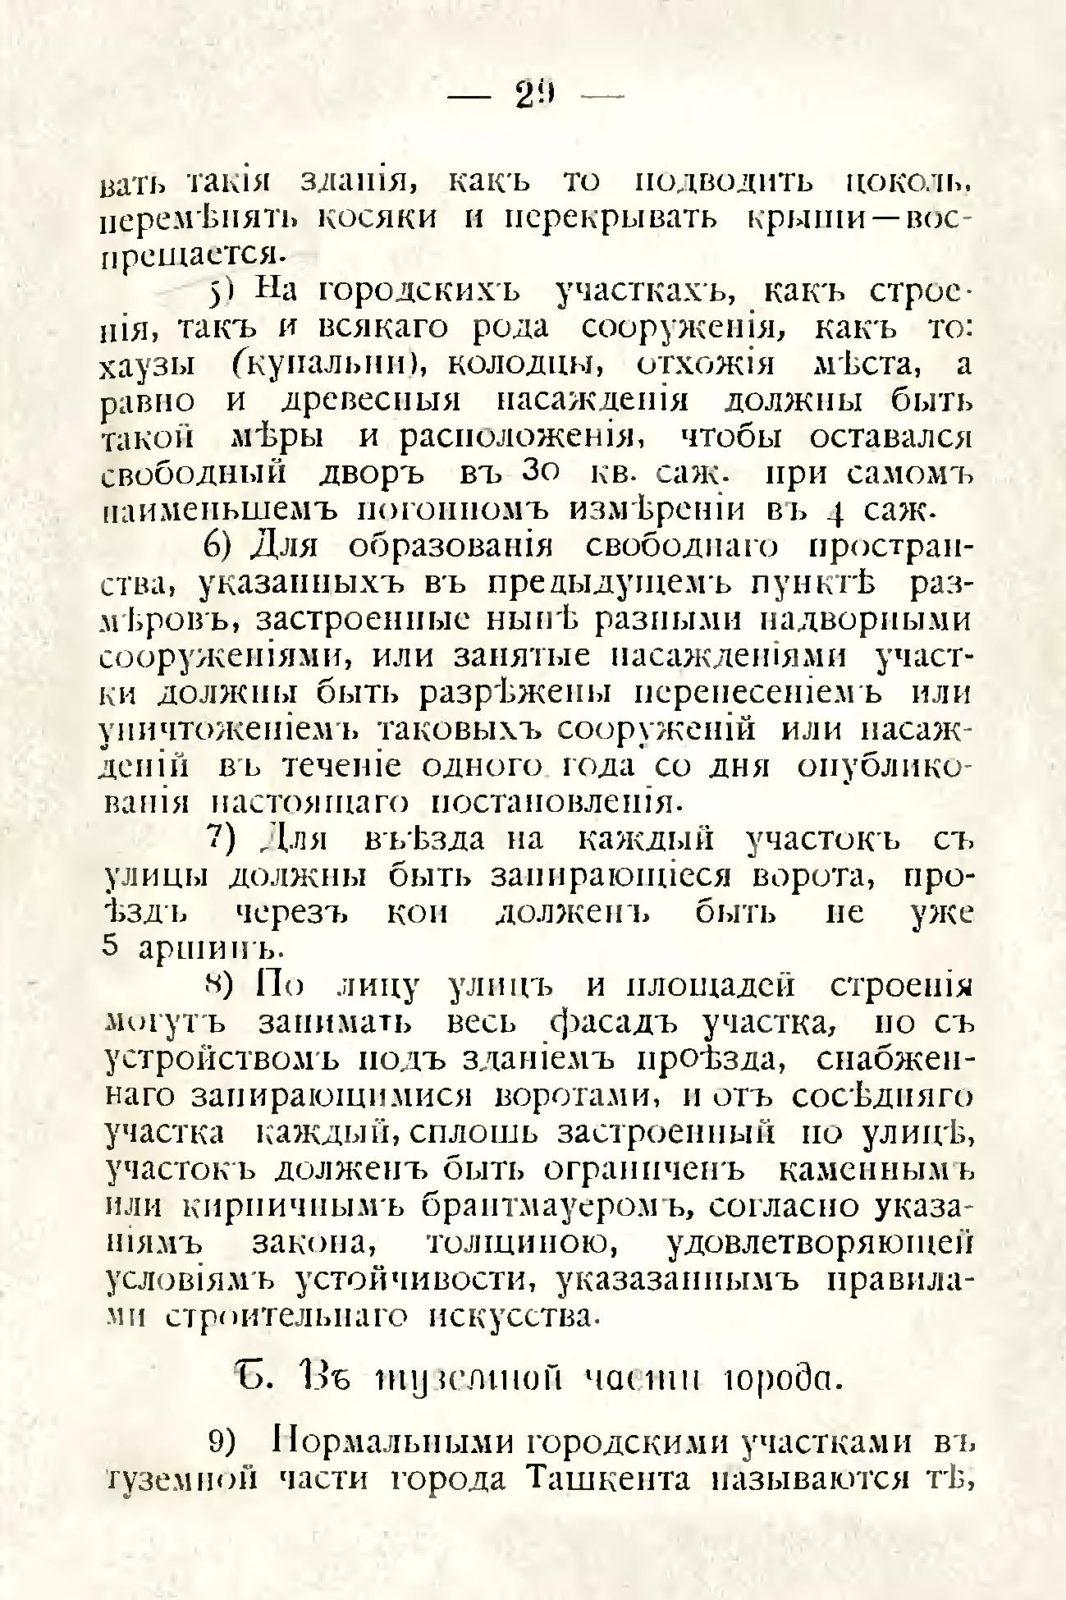 sbornik_obyazatelnyh_postanovlenii_tashkentskoi_gorodskoi_du_33